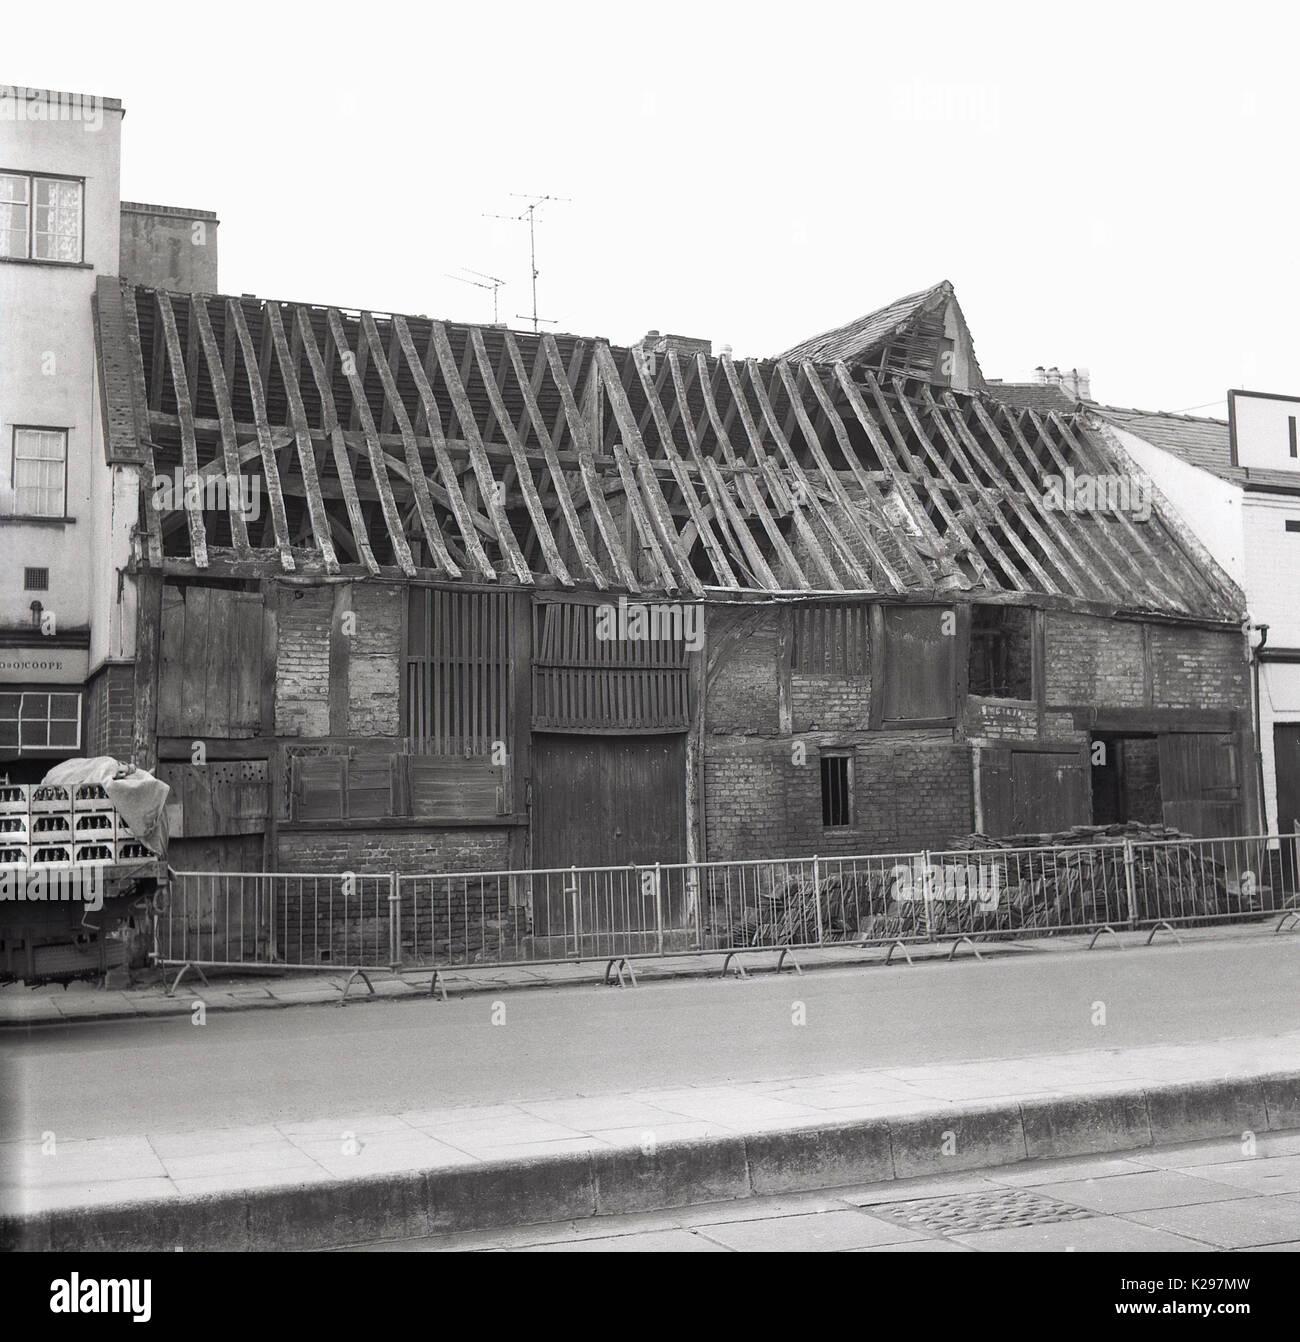 1960, histórica, la imagen muestra la vista exterior de un antiguo granero de almacenamiento construido en ladrillo Foto de stock